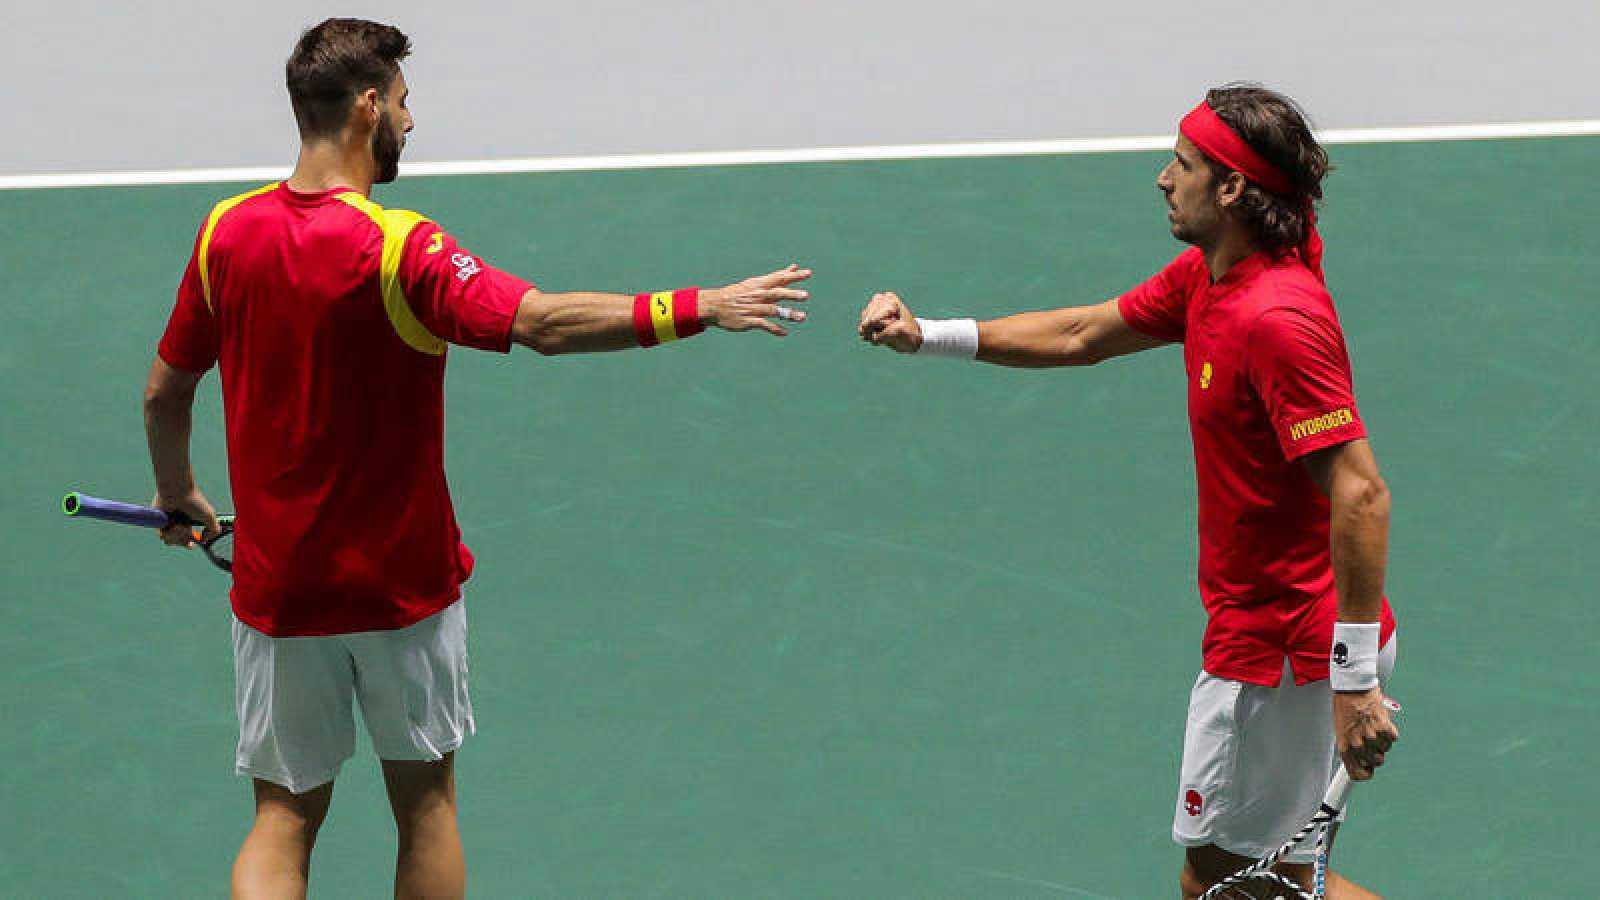 Los tenistas españoles Marcel Granollers (i) y Feliciano López celebran un punto en el partido de dobles contra los rusos Karen Khachanov y Andrey Rublev.